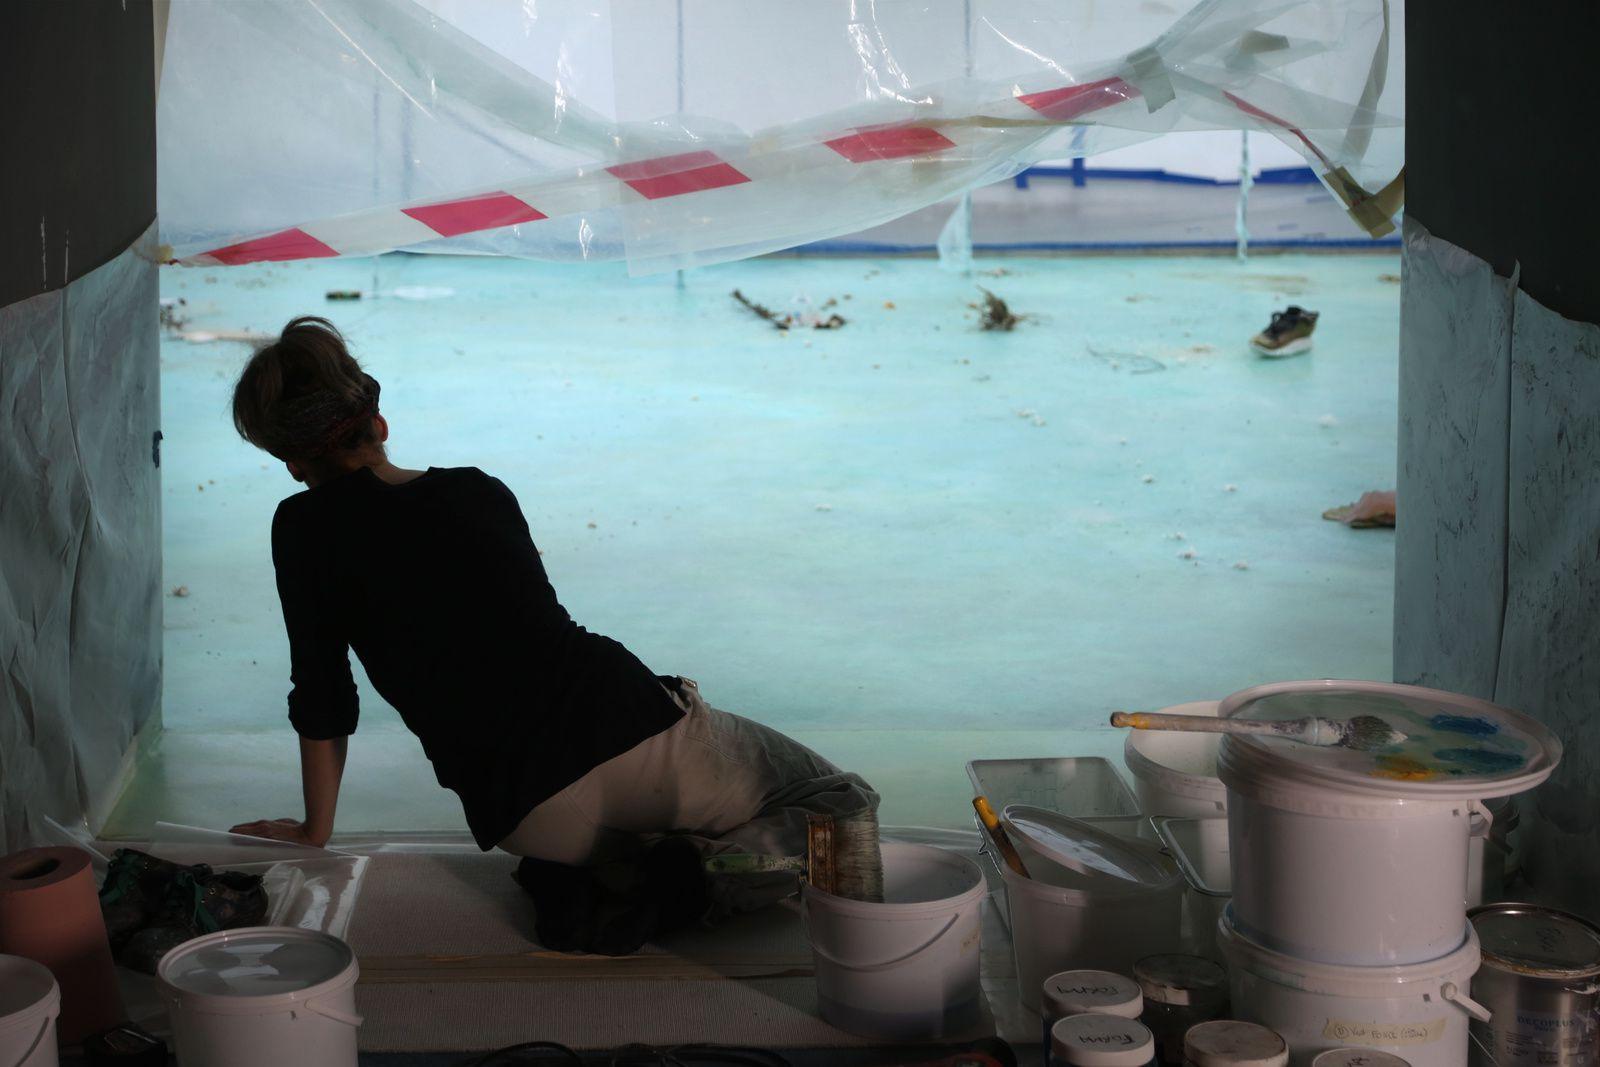 Laure Prouvost, Biennale de Venise